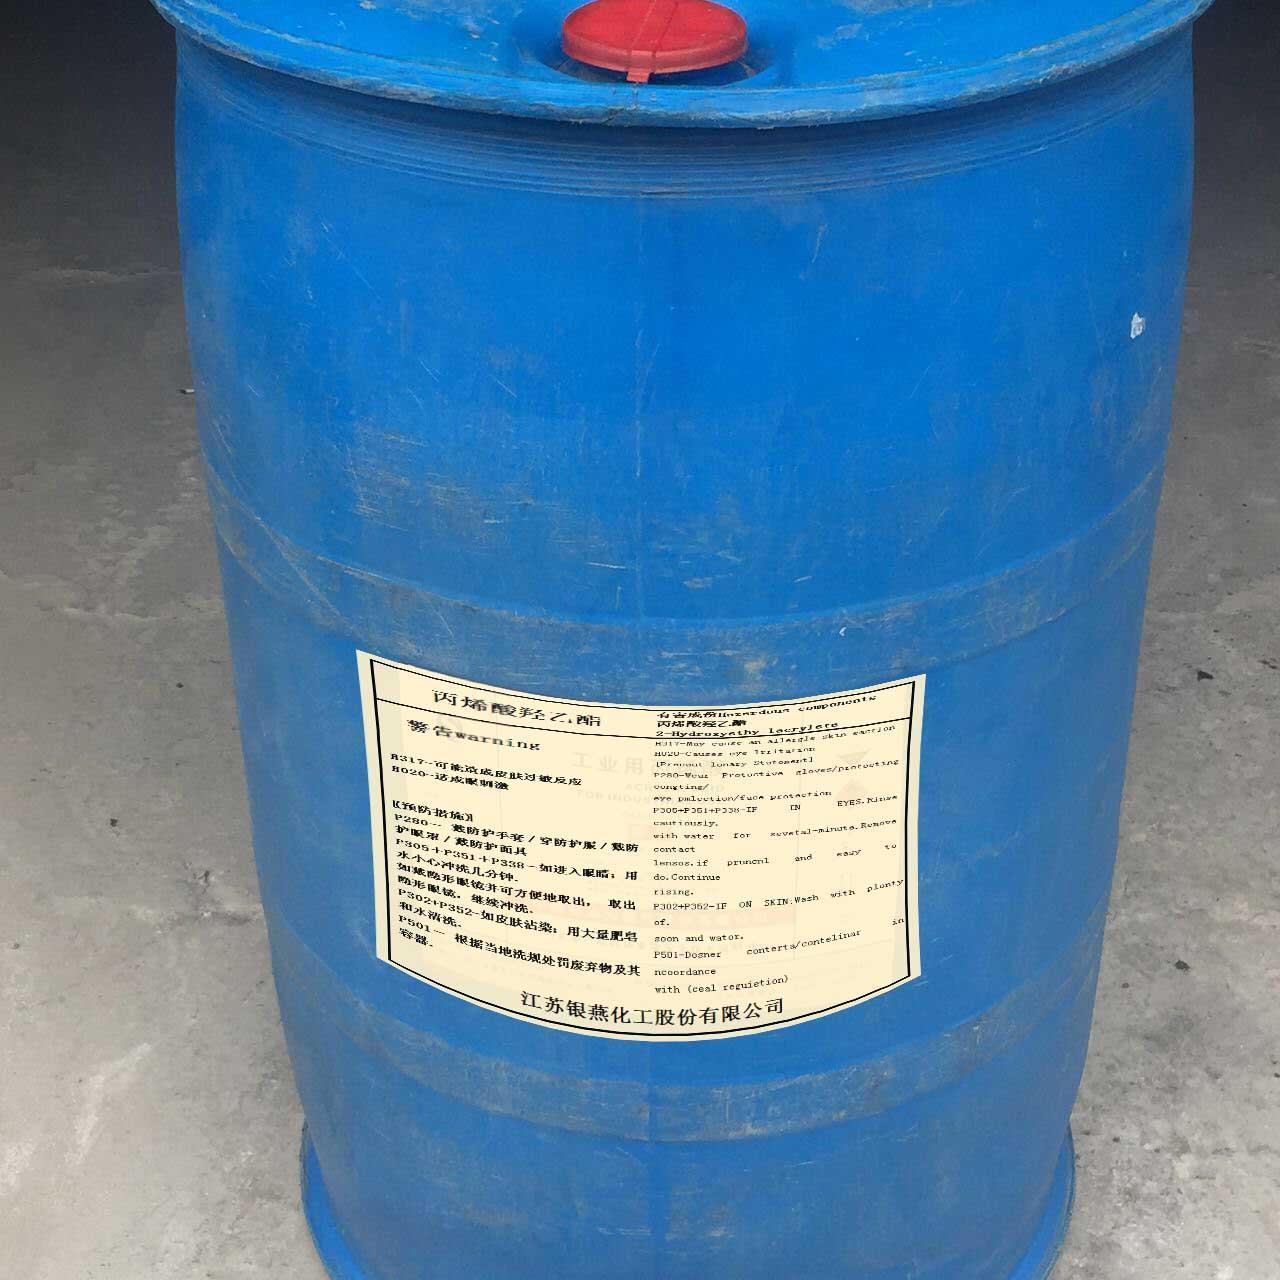 丙烯酸羟乙酯